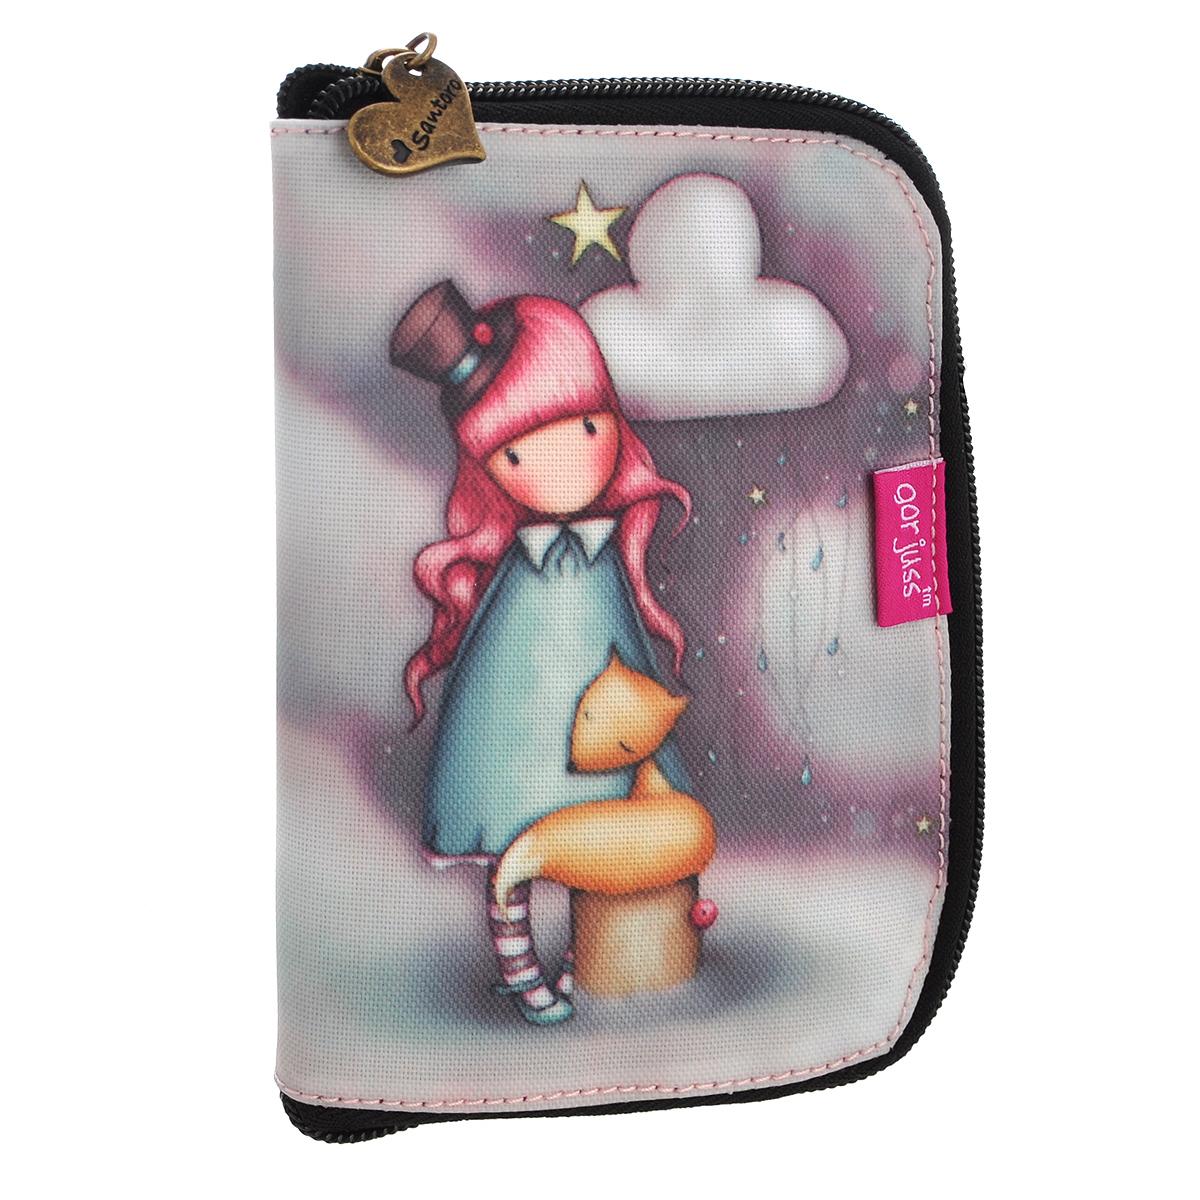 Складывающаяся сумка для покупок The Dreamer, цвет: сиреневый. 0012210967-637T-17s-01-42Складывающаяся сумка для покупок с милой девочкой непременно порадует вас или станет прекрасным подарком. Сумка складывается в симпатичный чехольчик на молнии, сама сумка выполнена из текстиля сиреневого цвета с орнаментом и имеет две удобные ручки. Сумка очень удобна в использовании - ее легко раскладывать и складывать. Характеристики:Материалы: текстиль, ПВХ, металл. Размер чехла на молнии: 10,5 см x 16 см x 1,5 см. Размер сумки в разложенном виде: 54 см х35 см х 17 см.